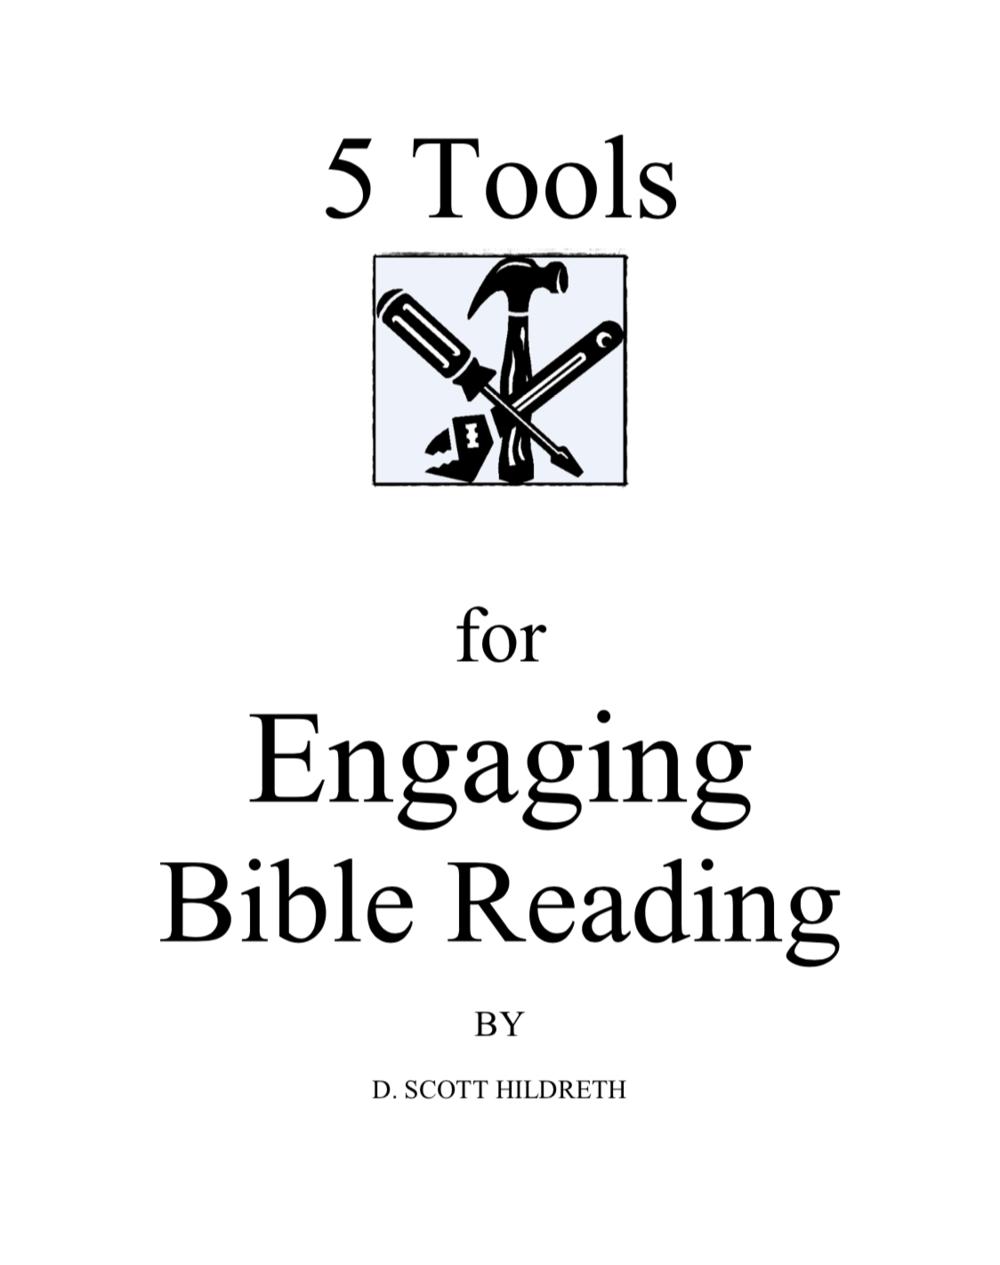 5-tools.png